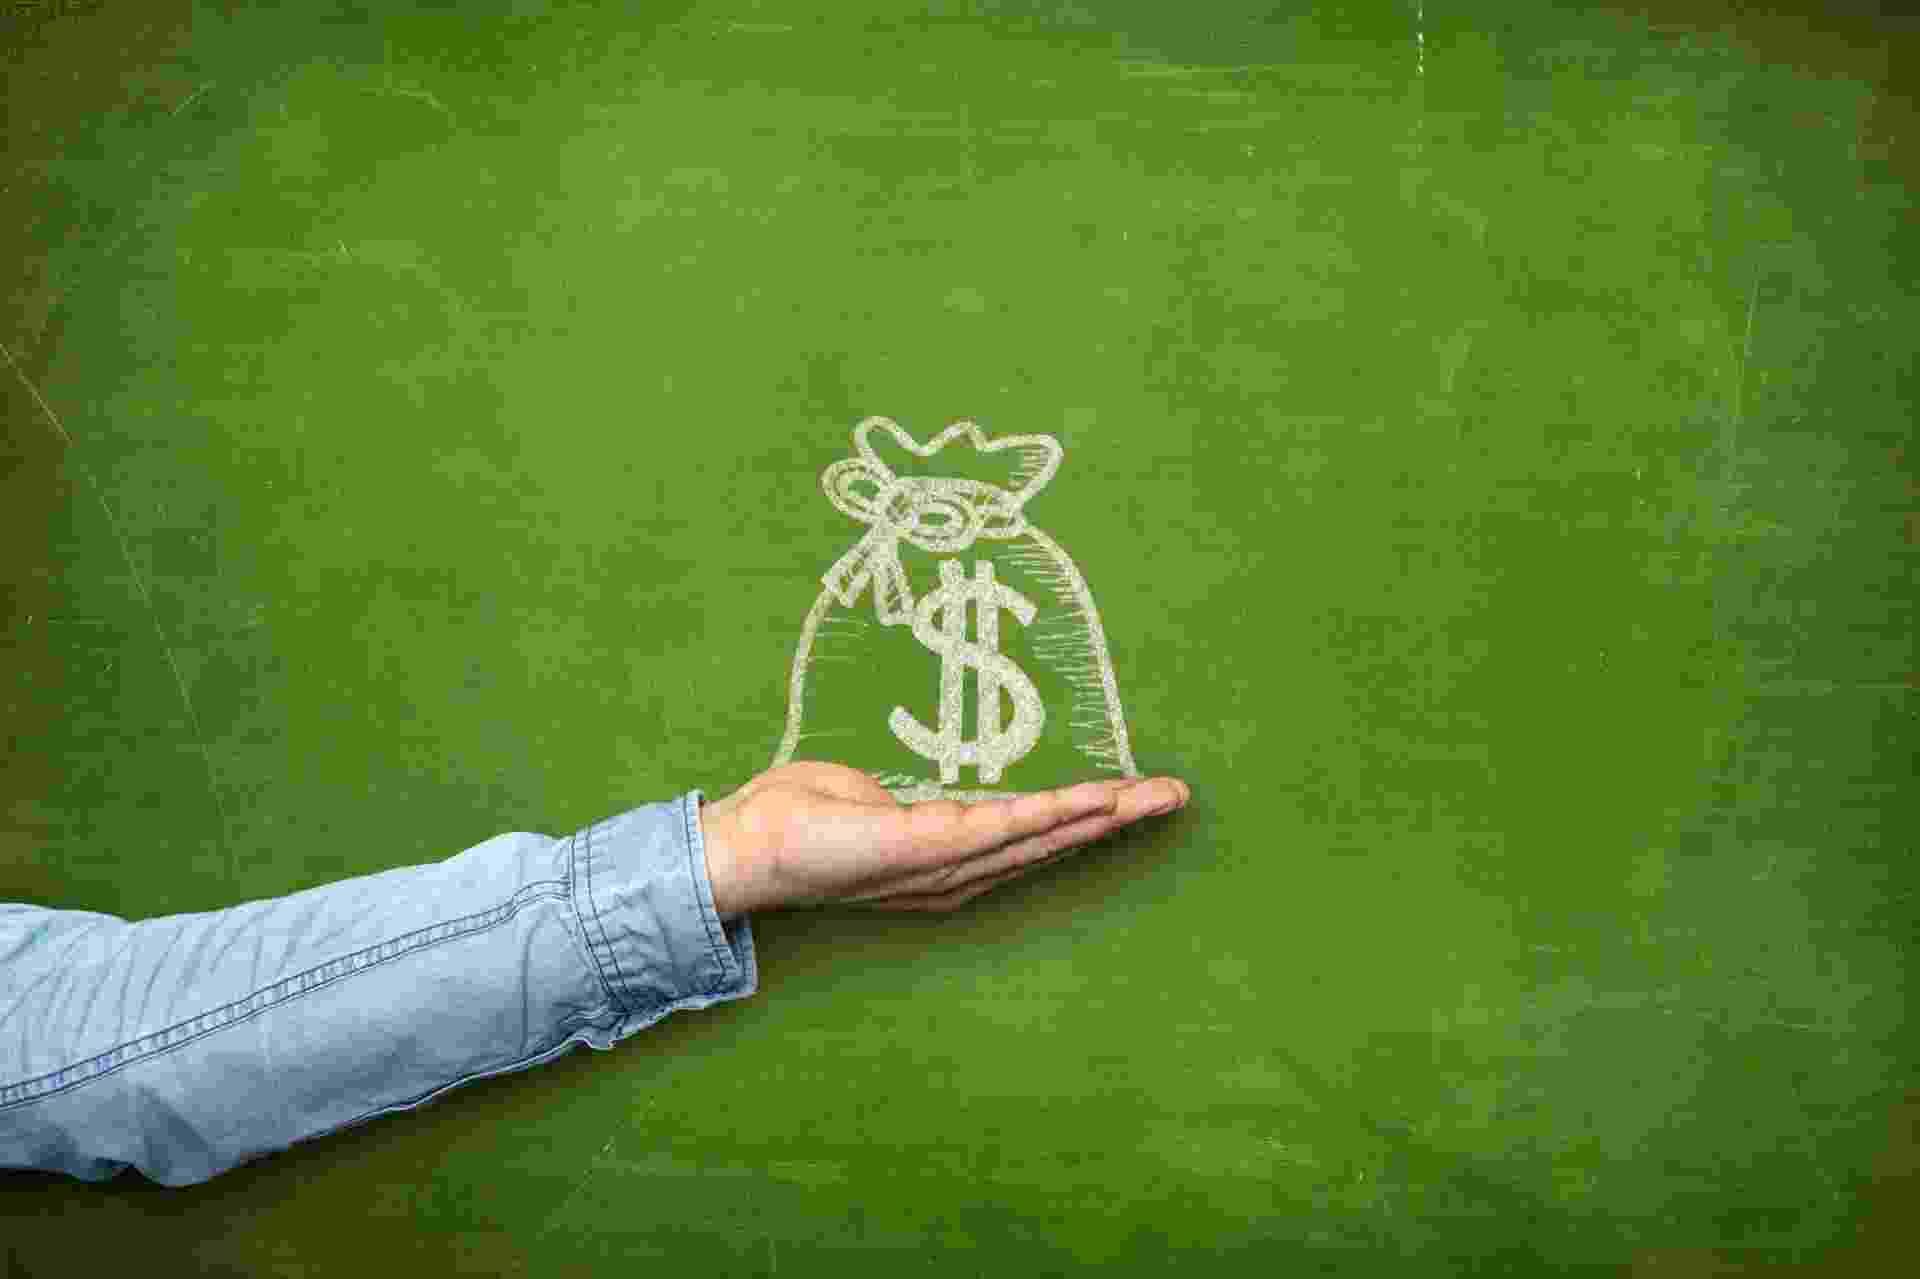 Dinheiro, economia, finanças pessoais, poupança, investimento - Getty Images/iStockphoto/StockFinland